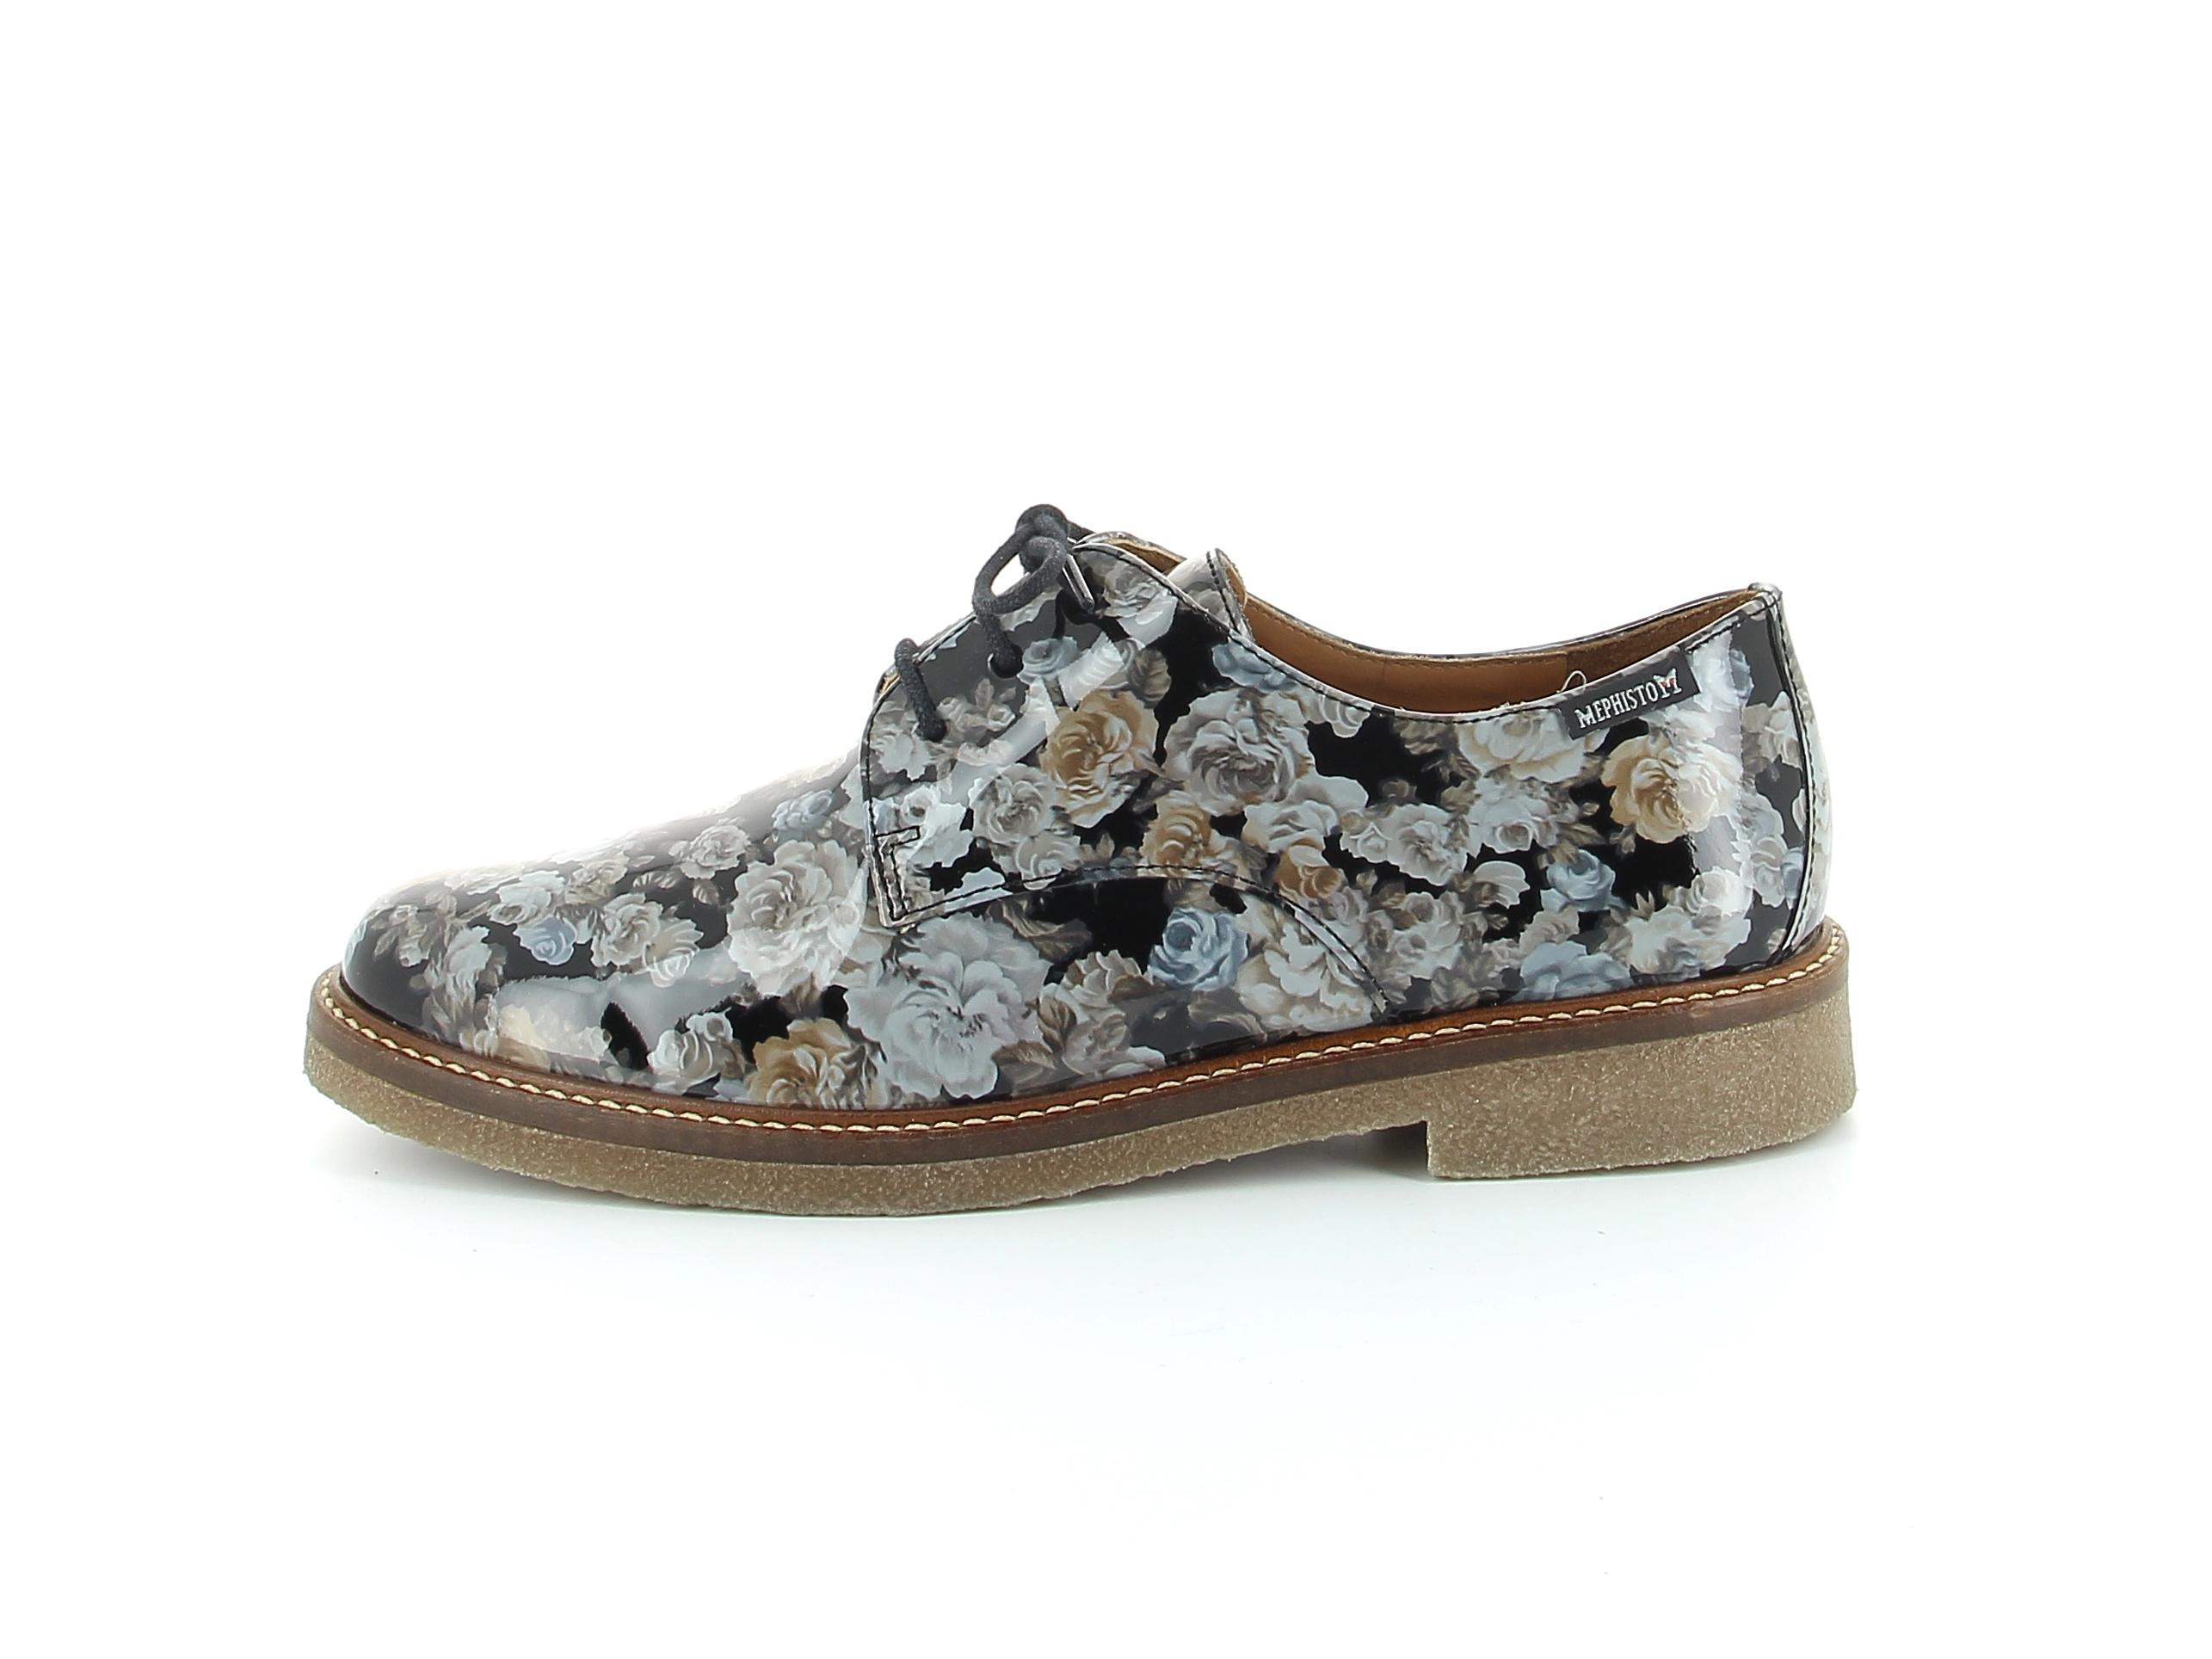 Chaussures Femme Modèle Mephisto Confortables Lacets Shop Fany PN0wOXZ8nk